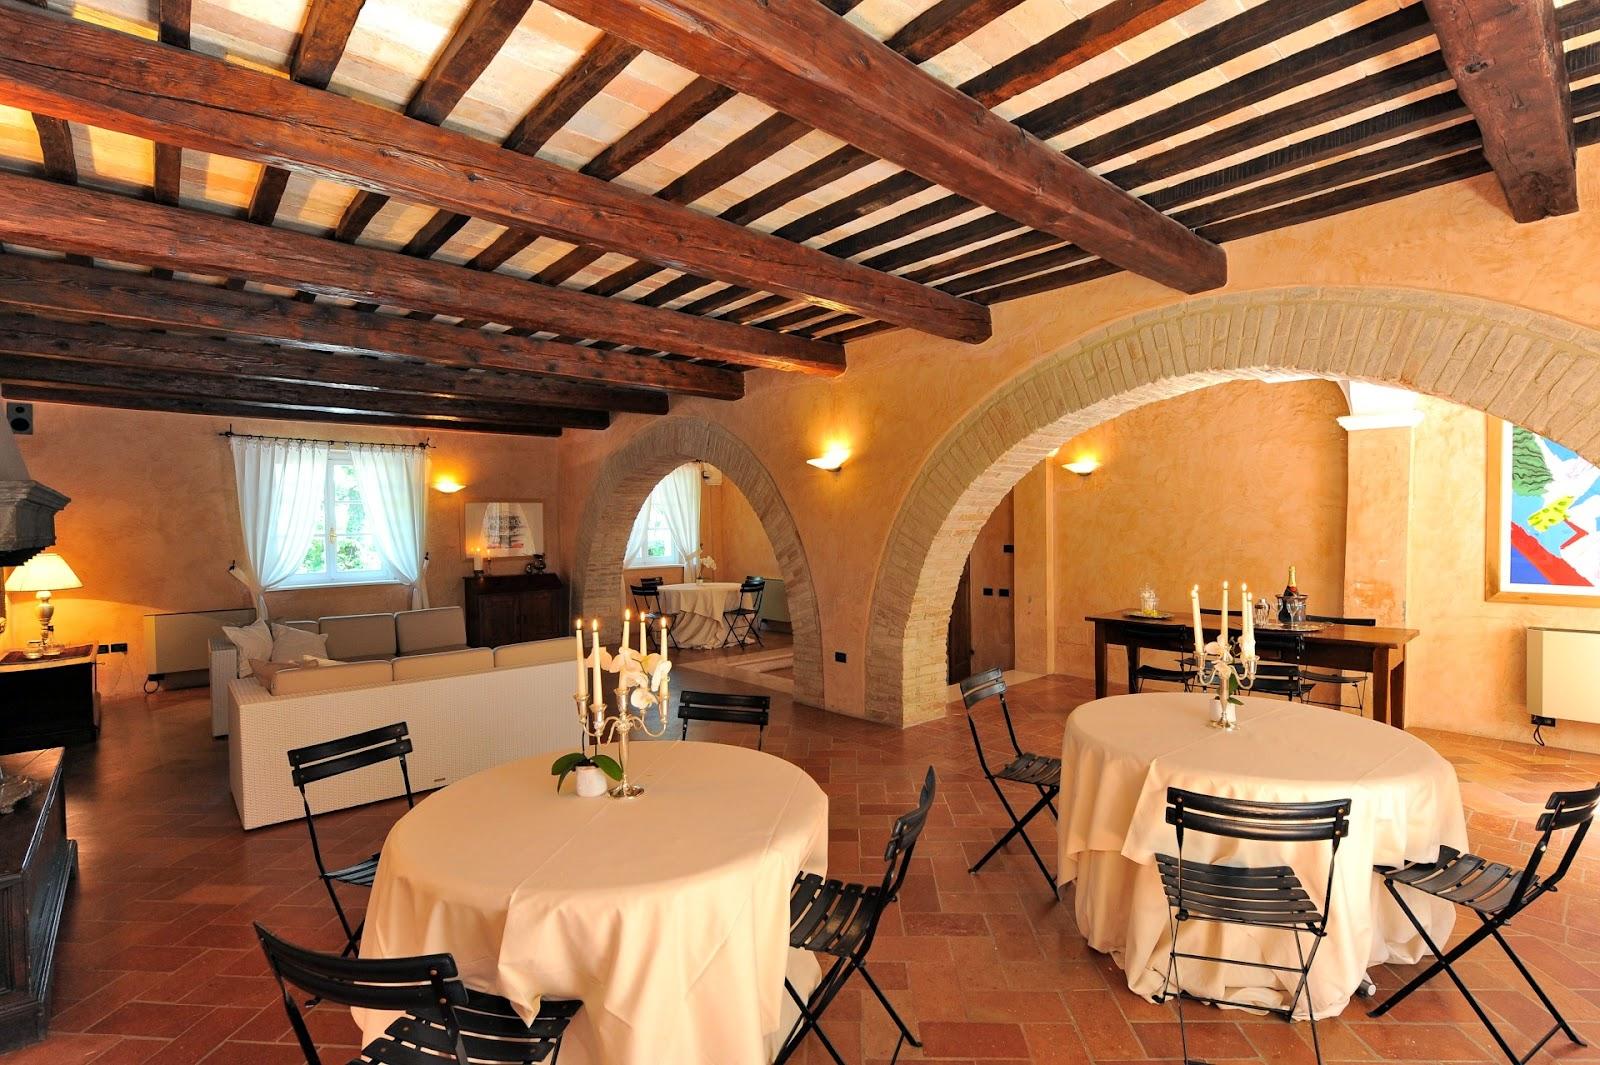 Ferienhaus Villa Montemaggiore (934885), Colli del Tronto, Ascoli Piceno, Marken, Italien, Bild 22